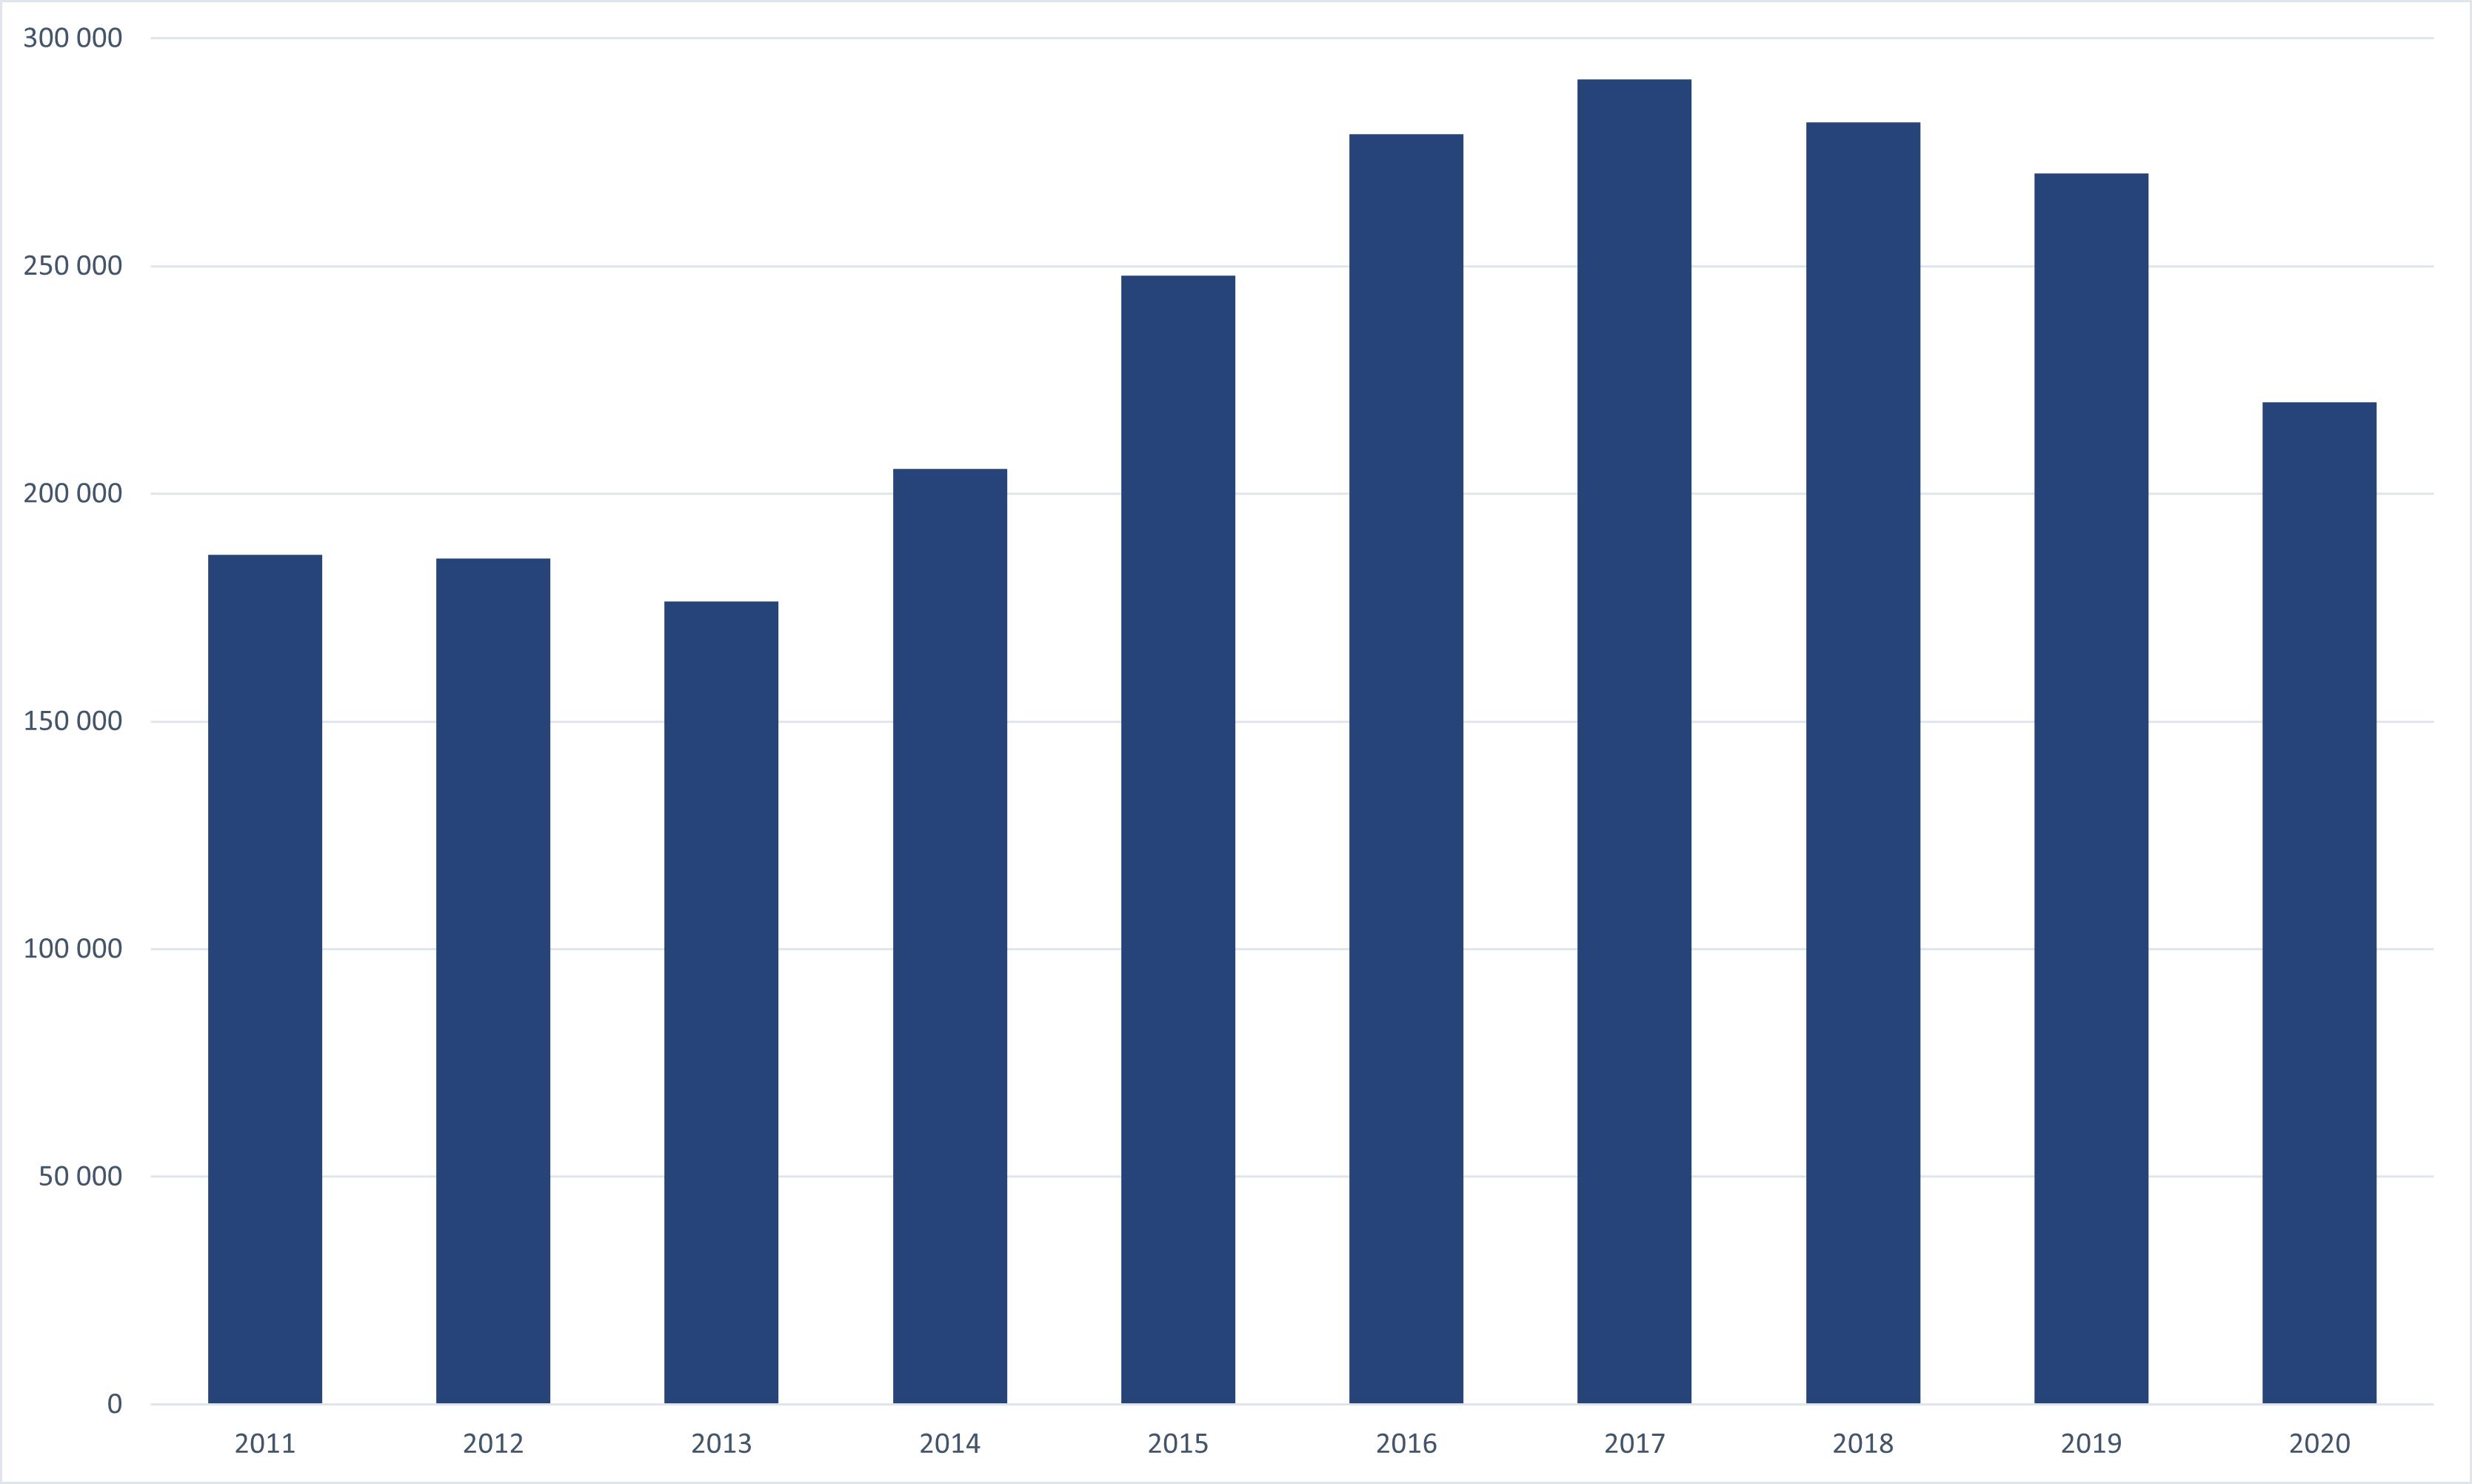 Registrace nových vozidel v letech 2011-2020 v ČR, (OA+LUV)